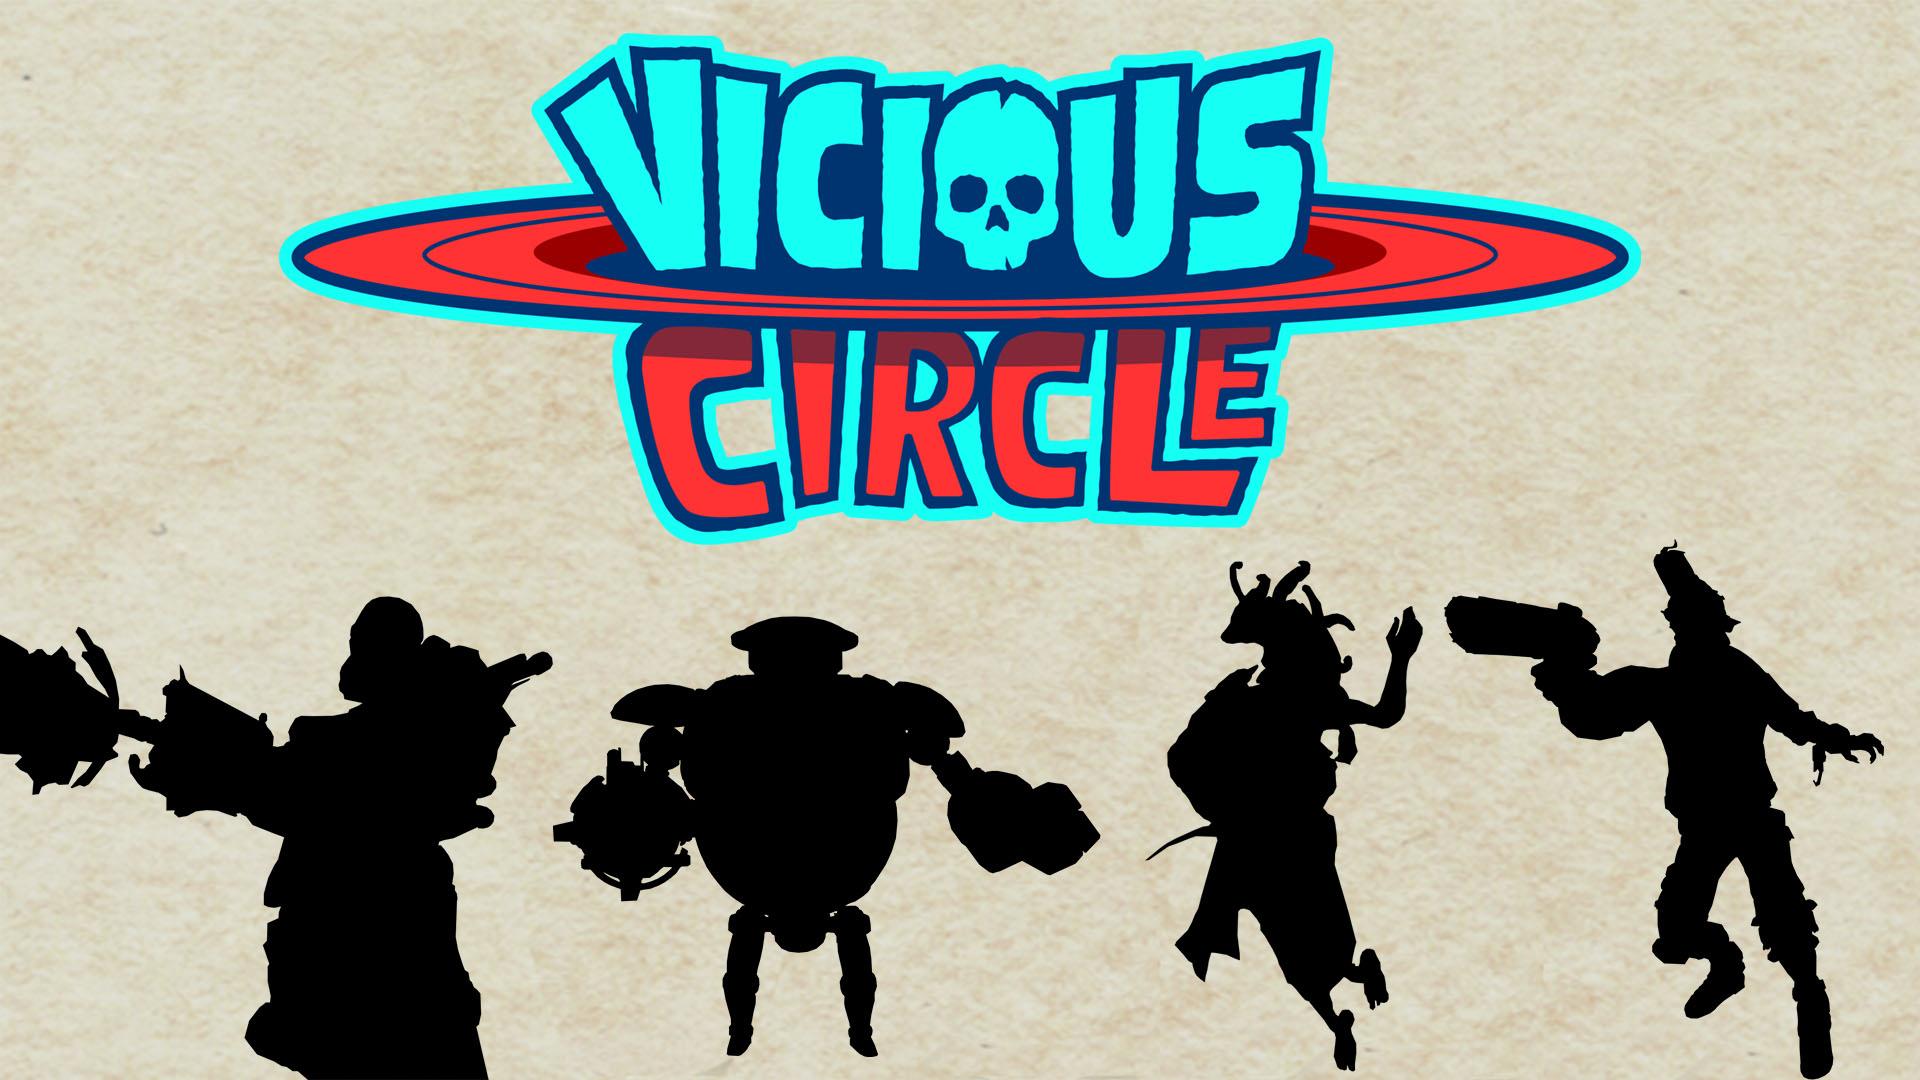 vicious circle mercs share image.jpg